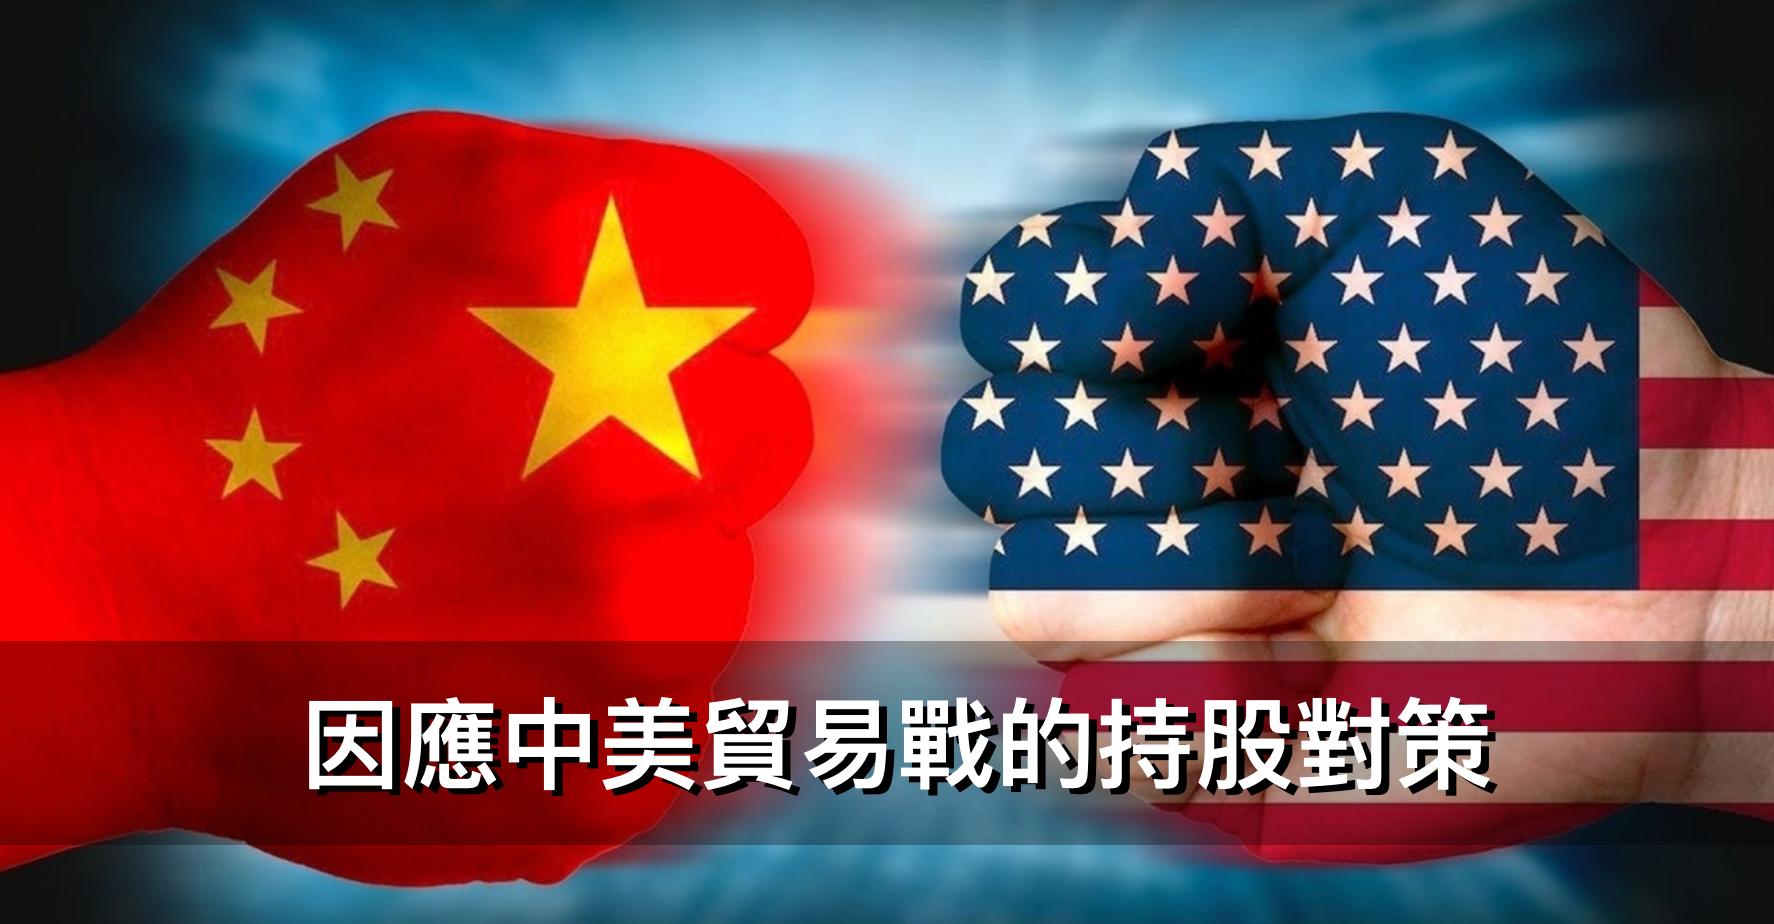 因應中美貿易戰的持股對策